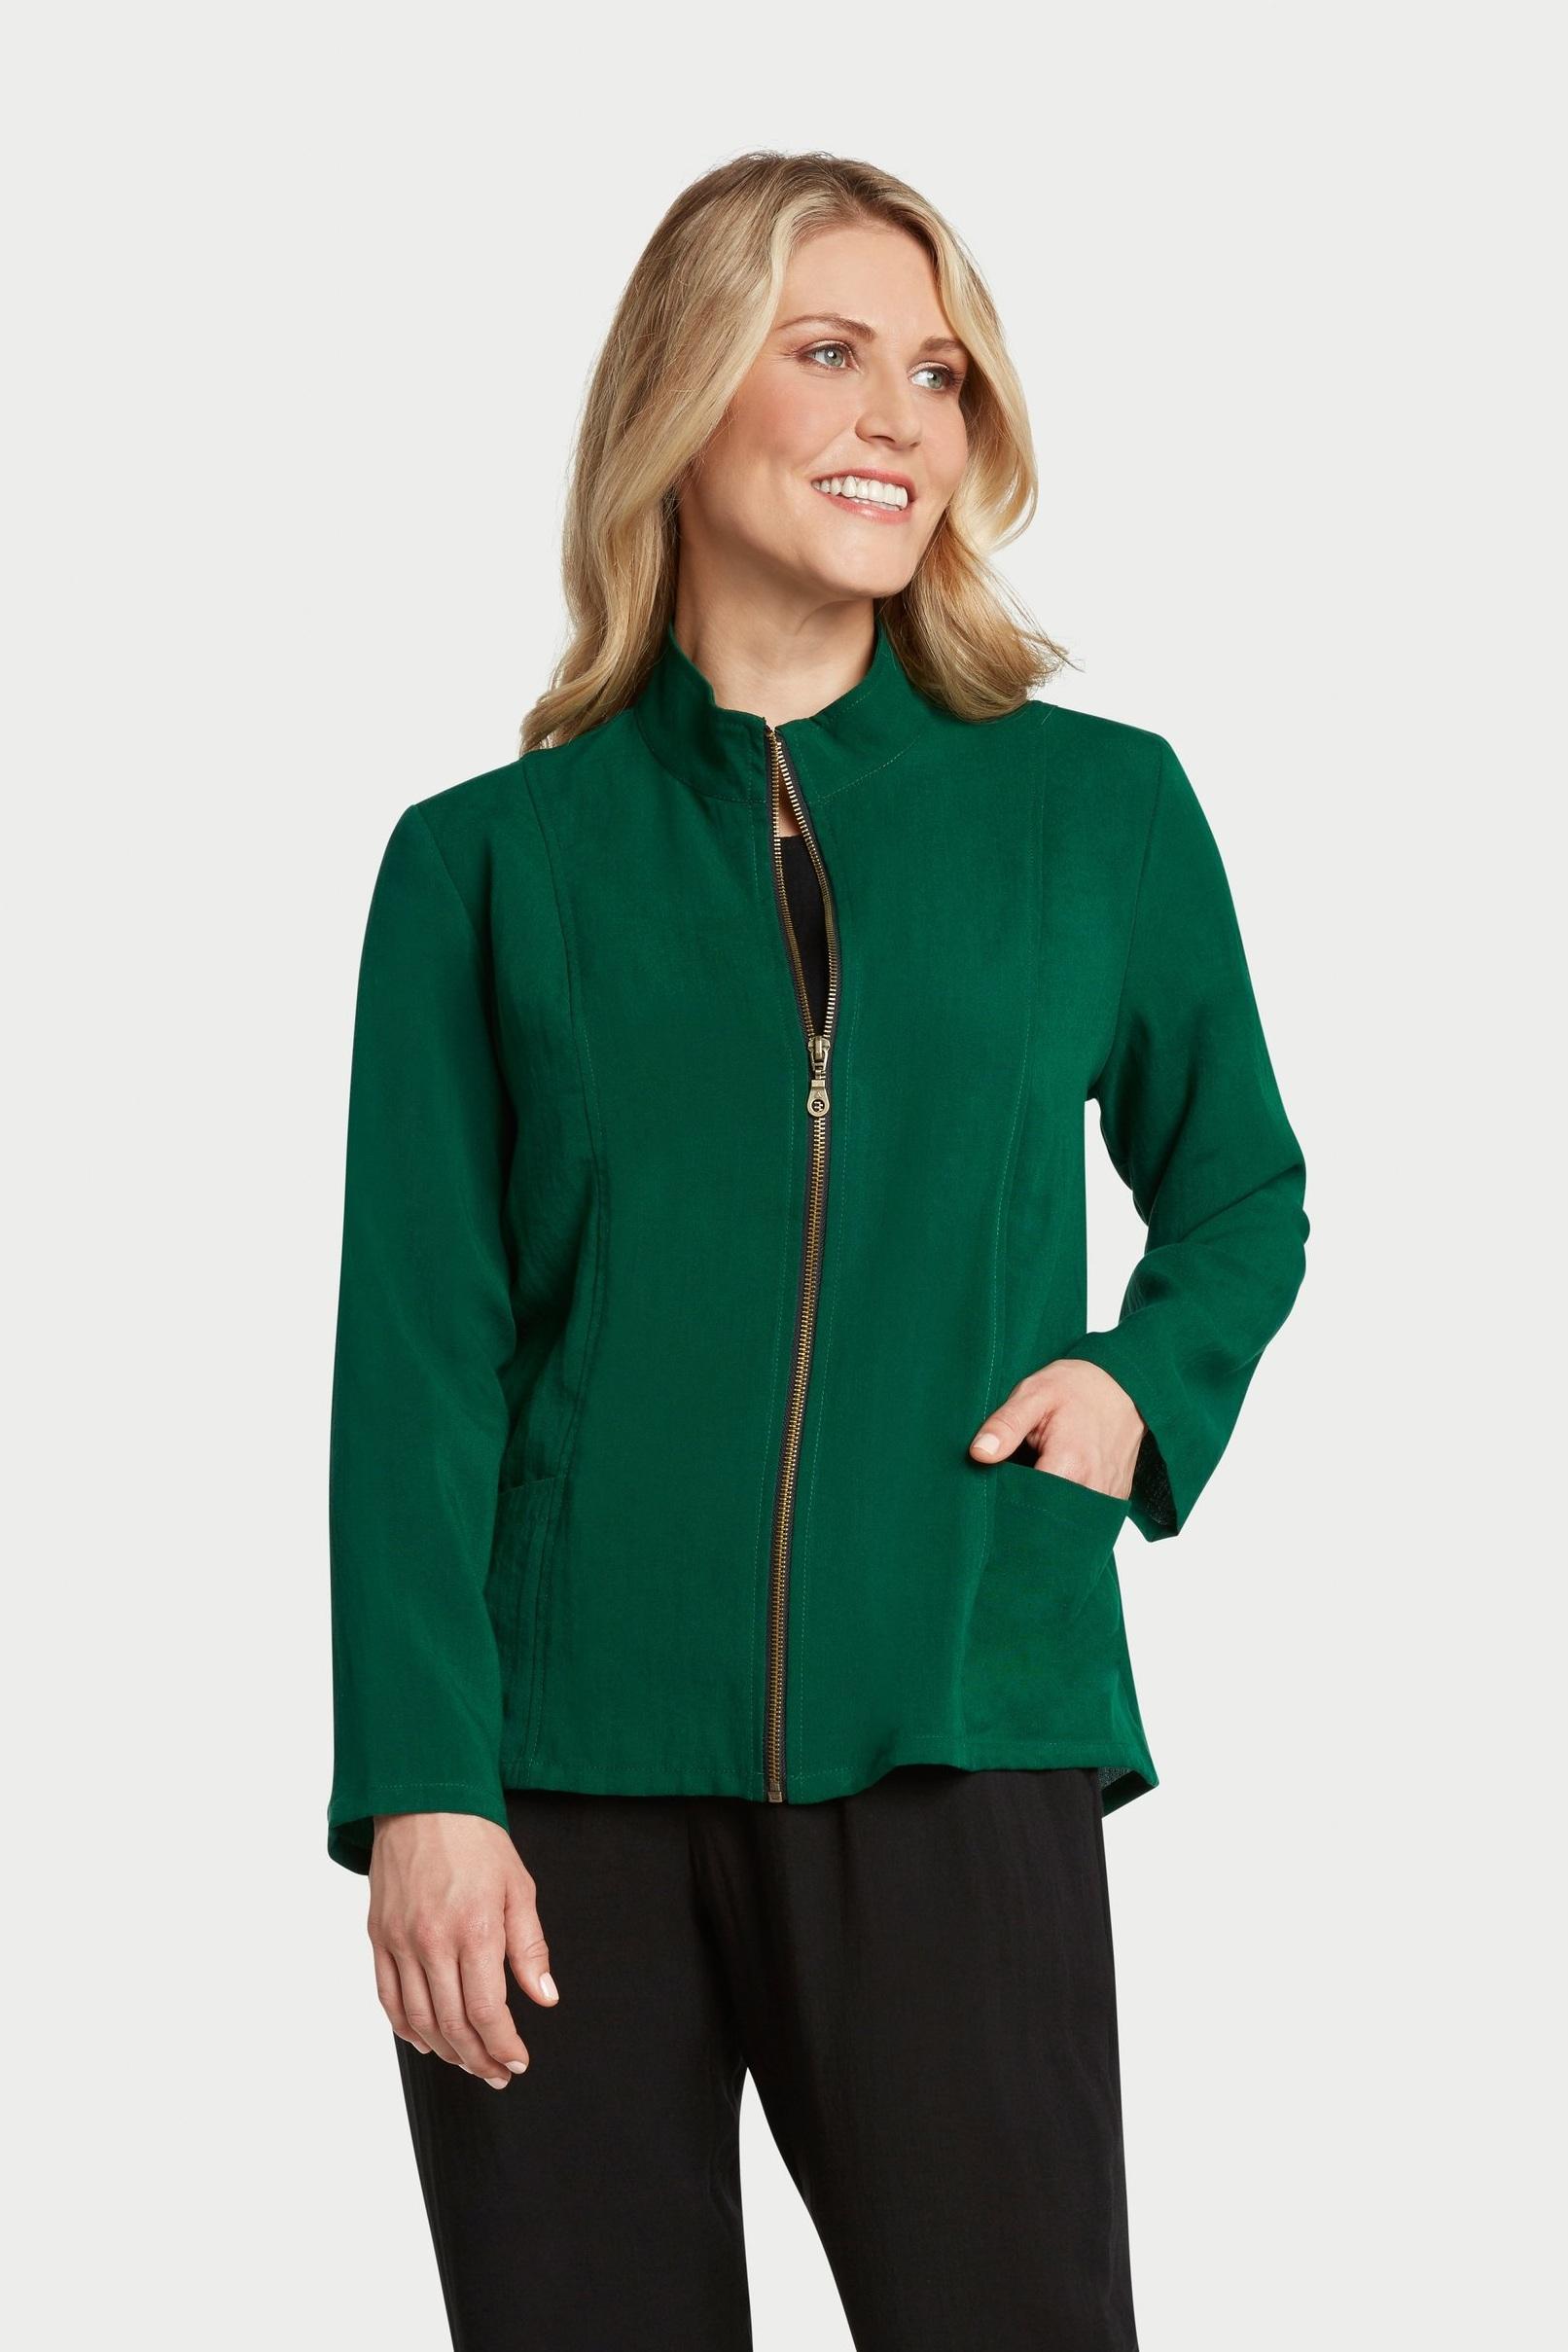 AA237 - Ruched Zip Jacket